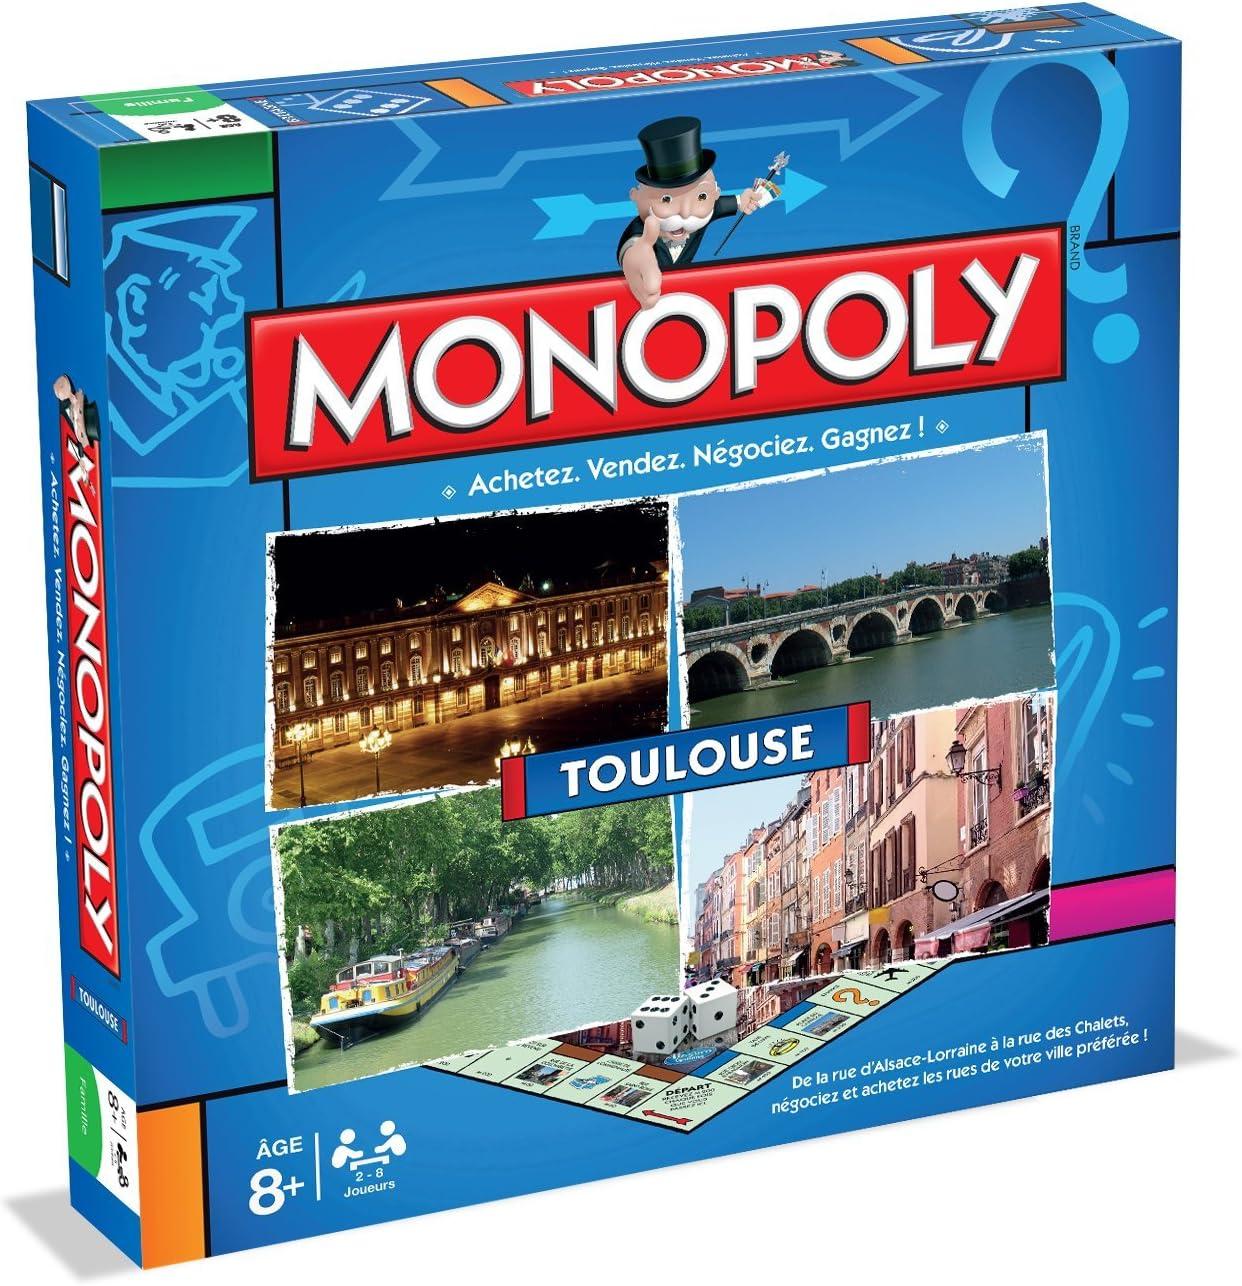 Hasbro - Juguete, de 2 a 8 Jugadores (66) (Importado de Francia): Amazon.es: Juguetes y juegos